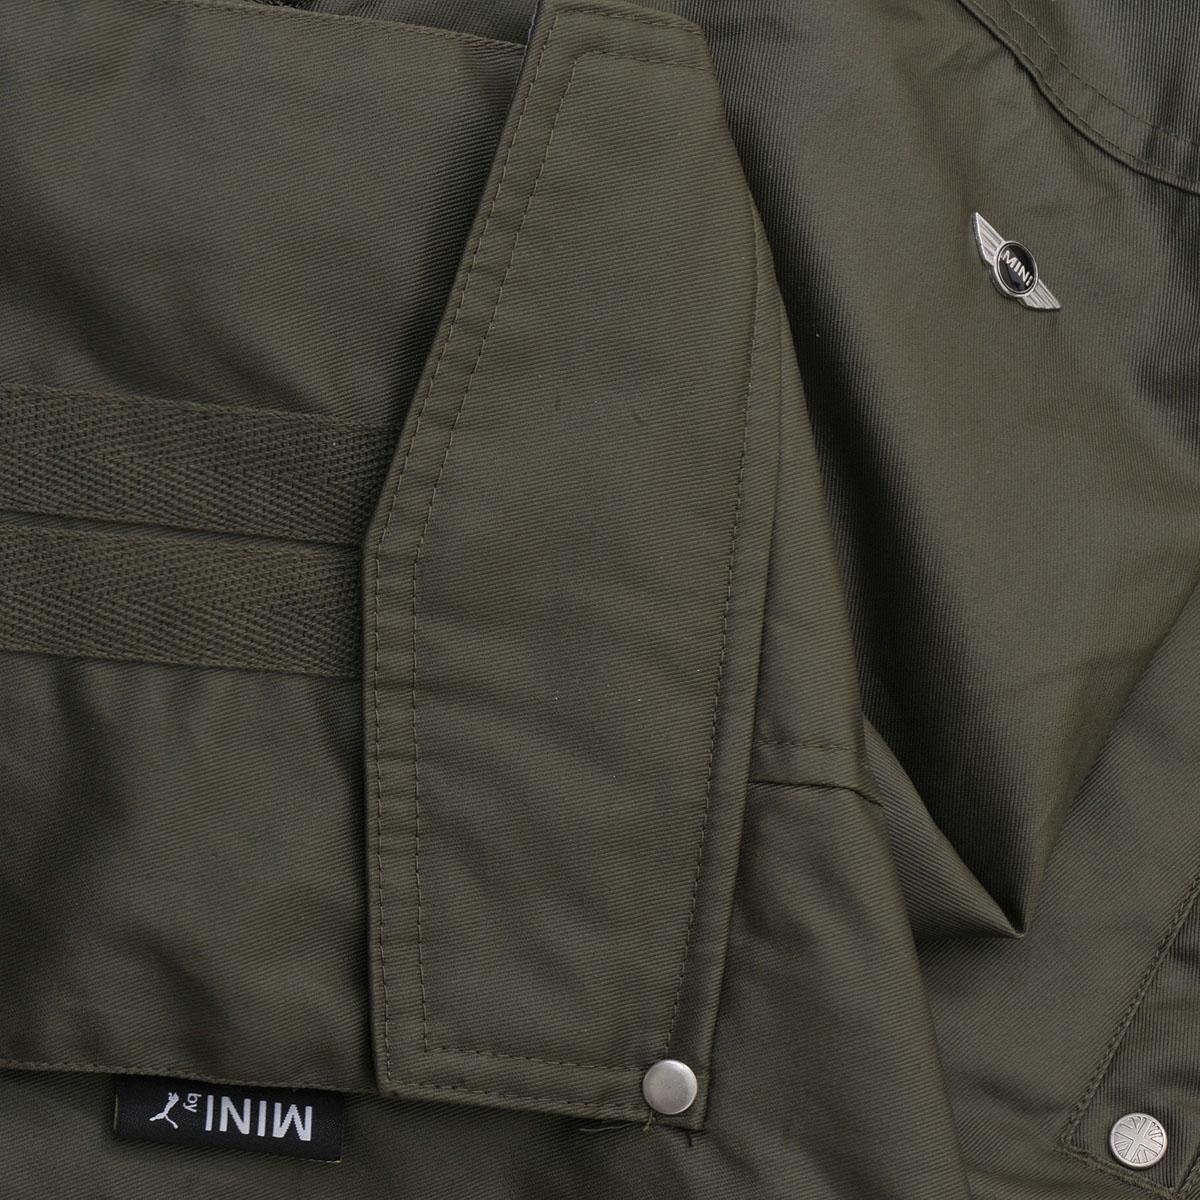 Спортивная куртка Puma 561512 Motorsport